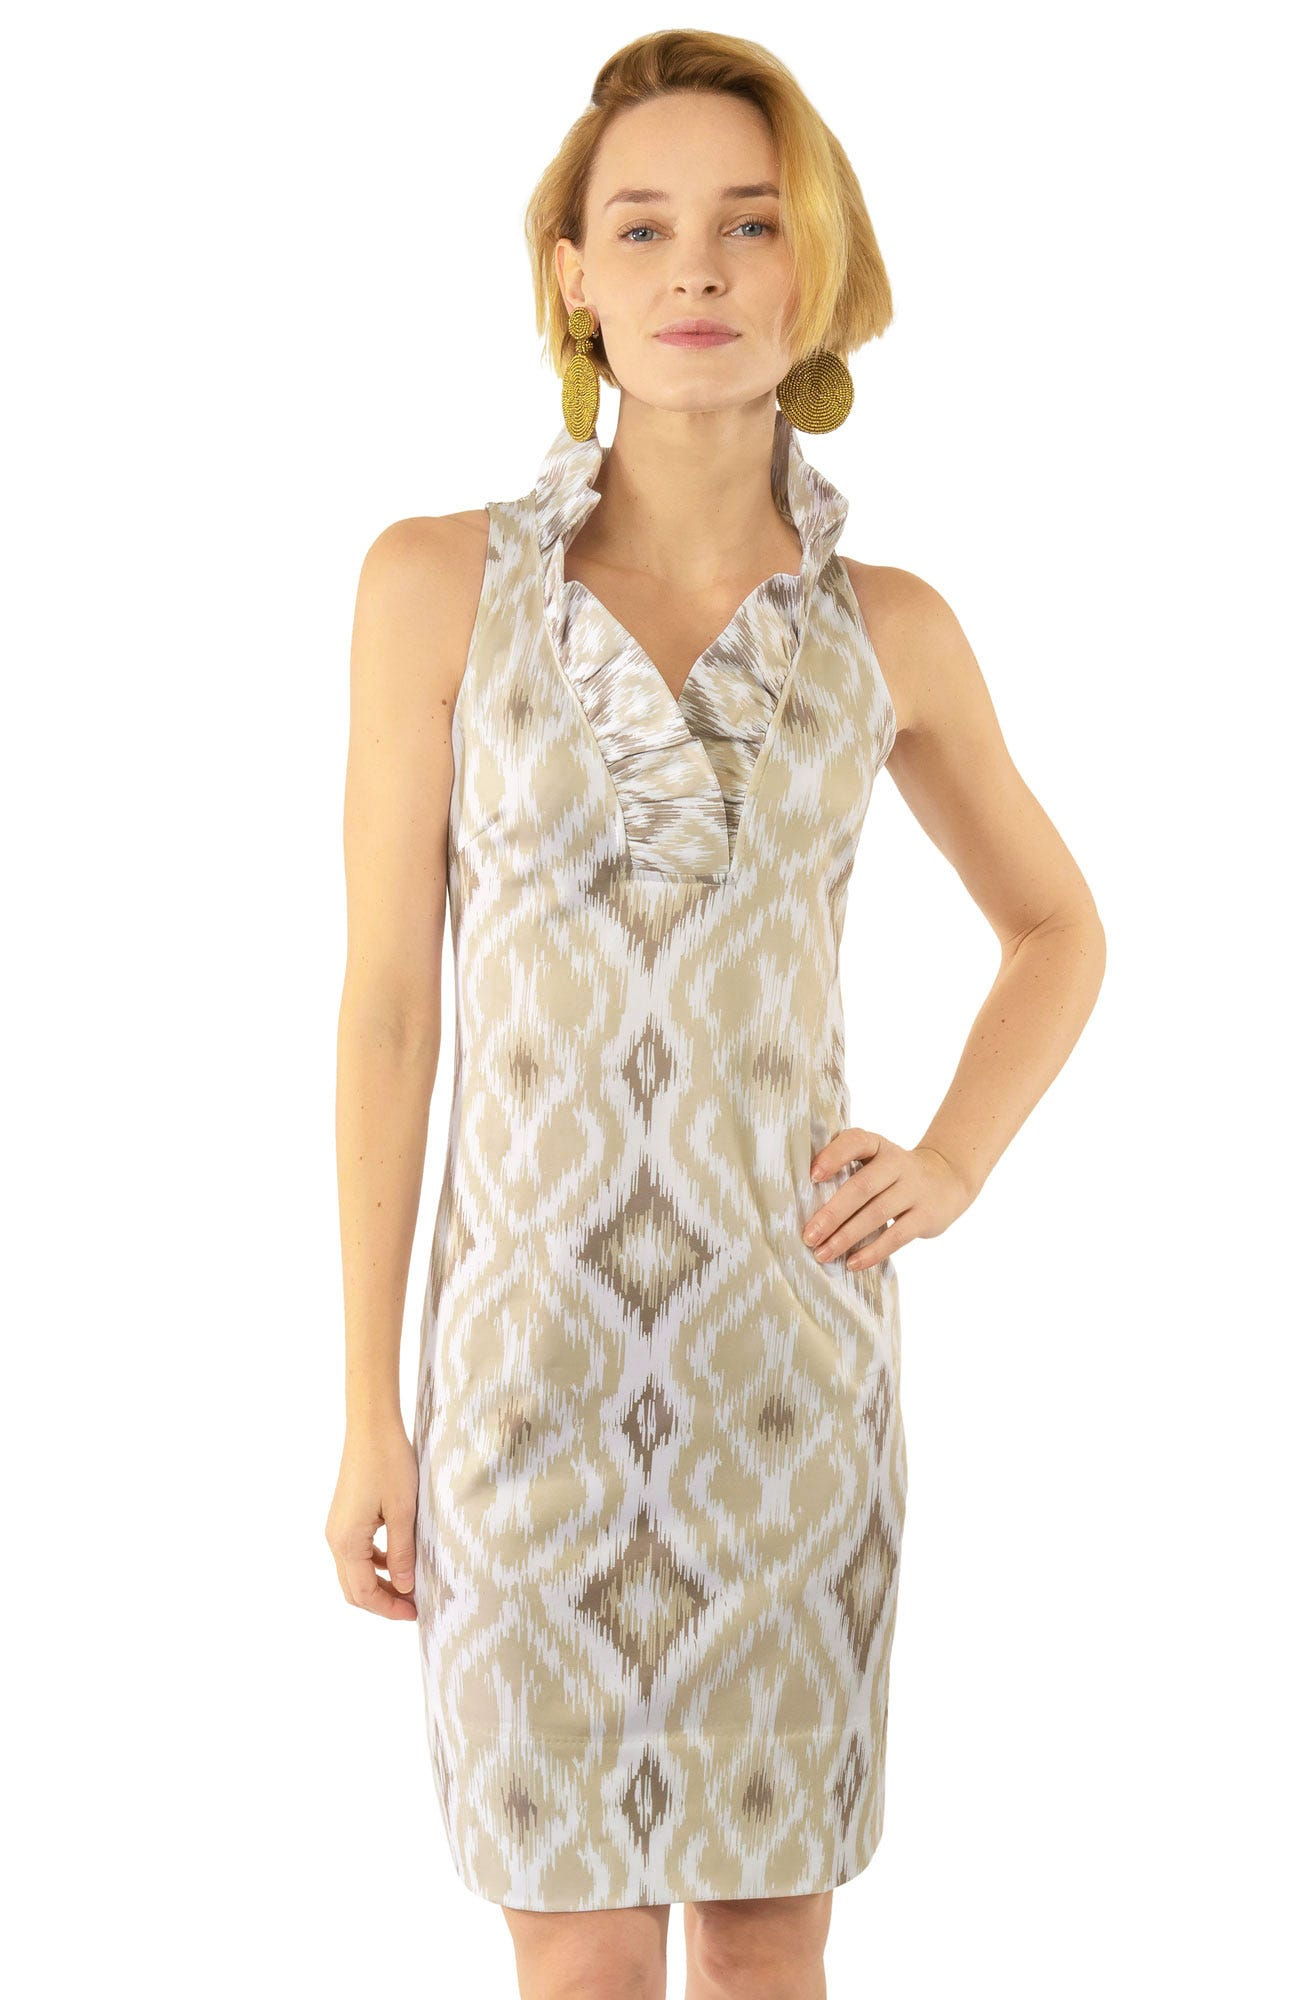 f15da2e3a35 Jersey Ruffneck Sleeveless Dress - Kitt Ikat